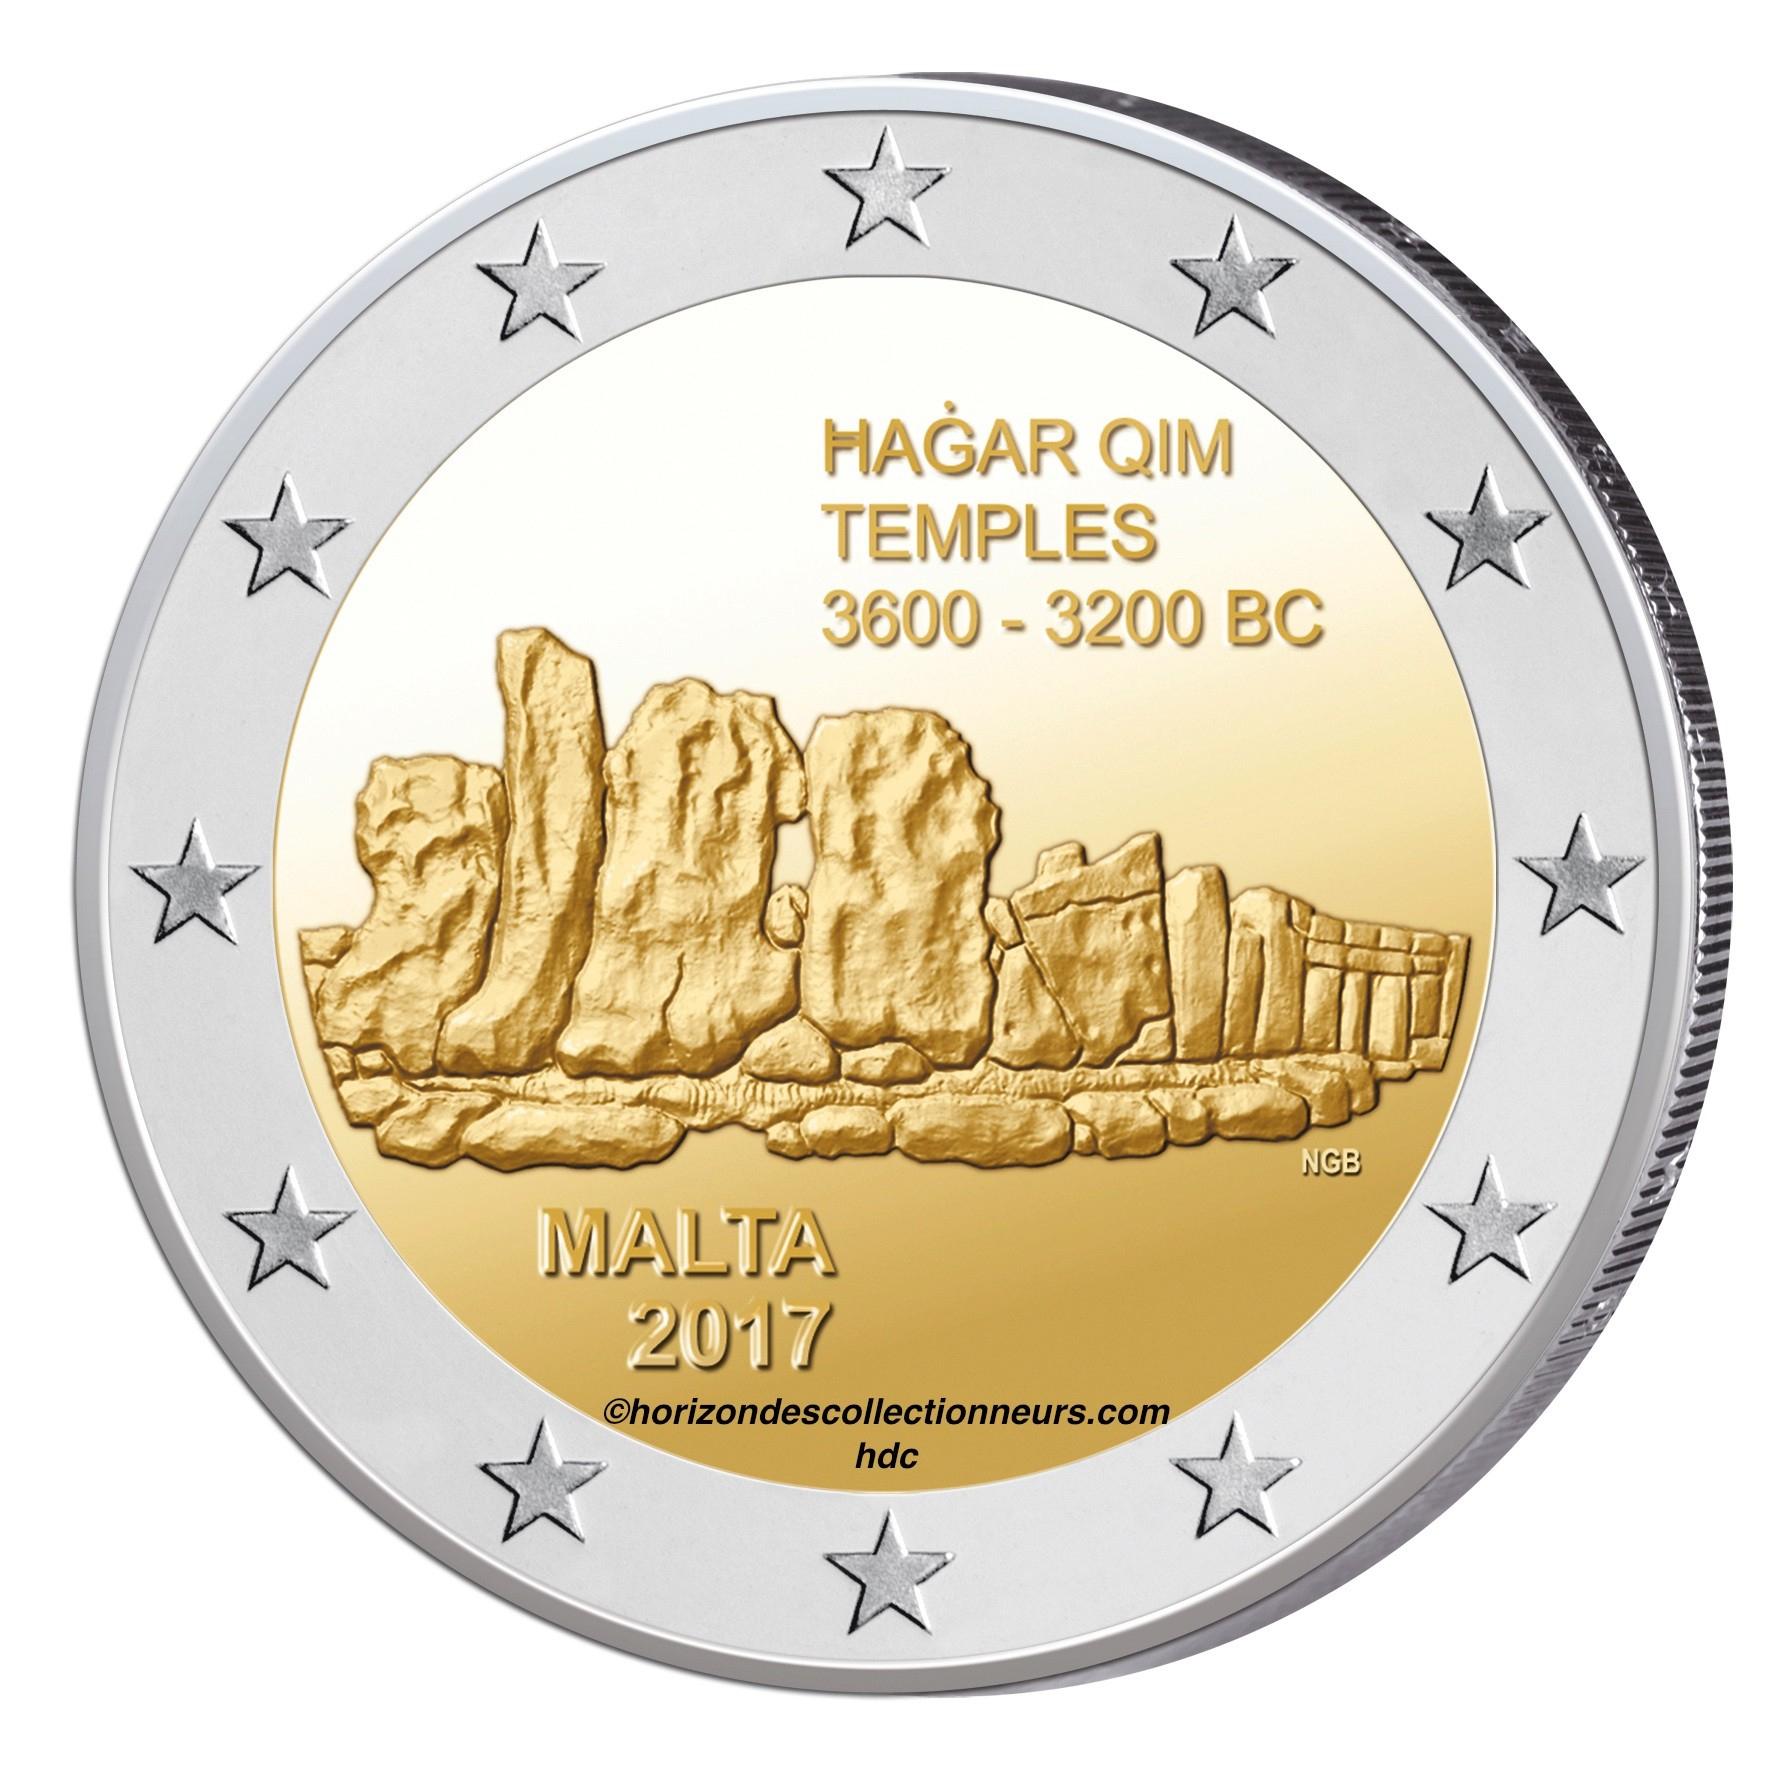 Pièce 2 € Commémorative Malte2017 Temple Hagar Qim-Monnaies Euros De 2€ tout Pieces Et Billets Euros À Imprimer